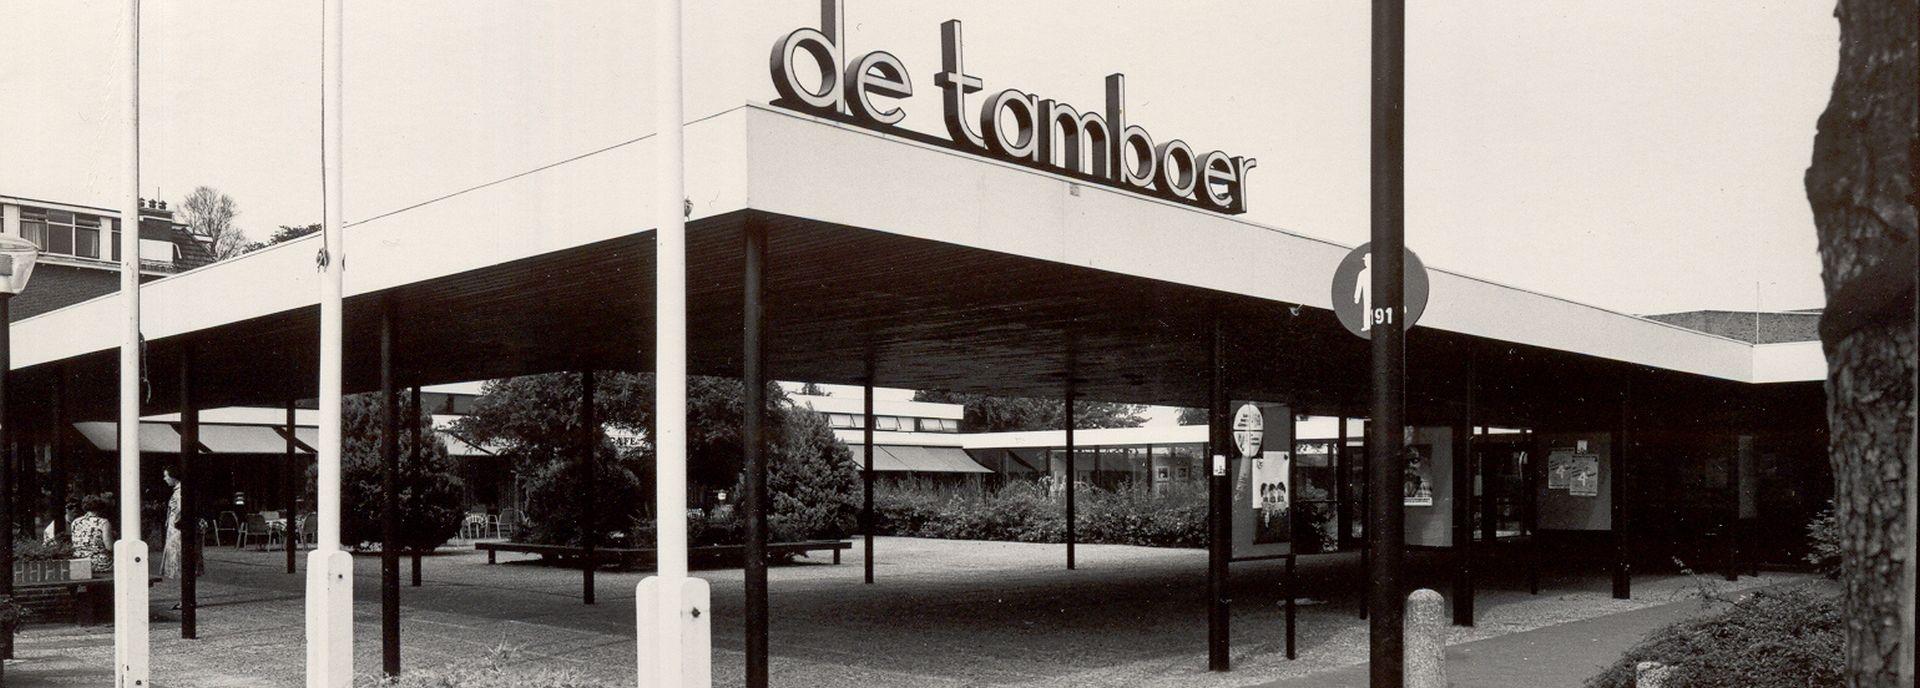 De geschiedenis van De Tamboer begint in 1967. Het is een historie vol hoogtepunten. In 2017 vierde het theater haar vijftigjarig bestaan.